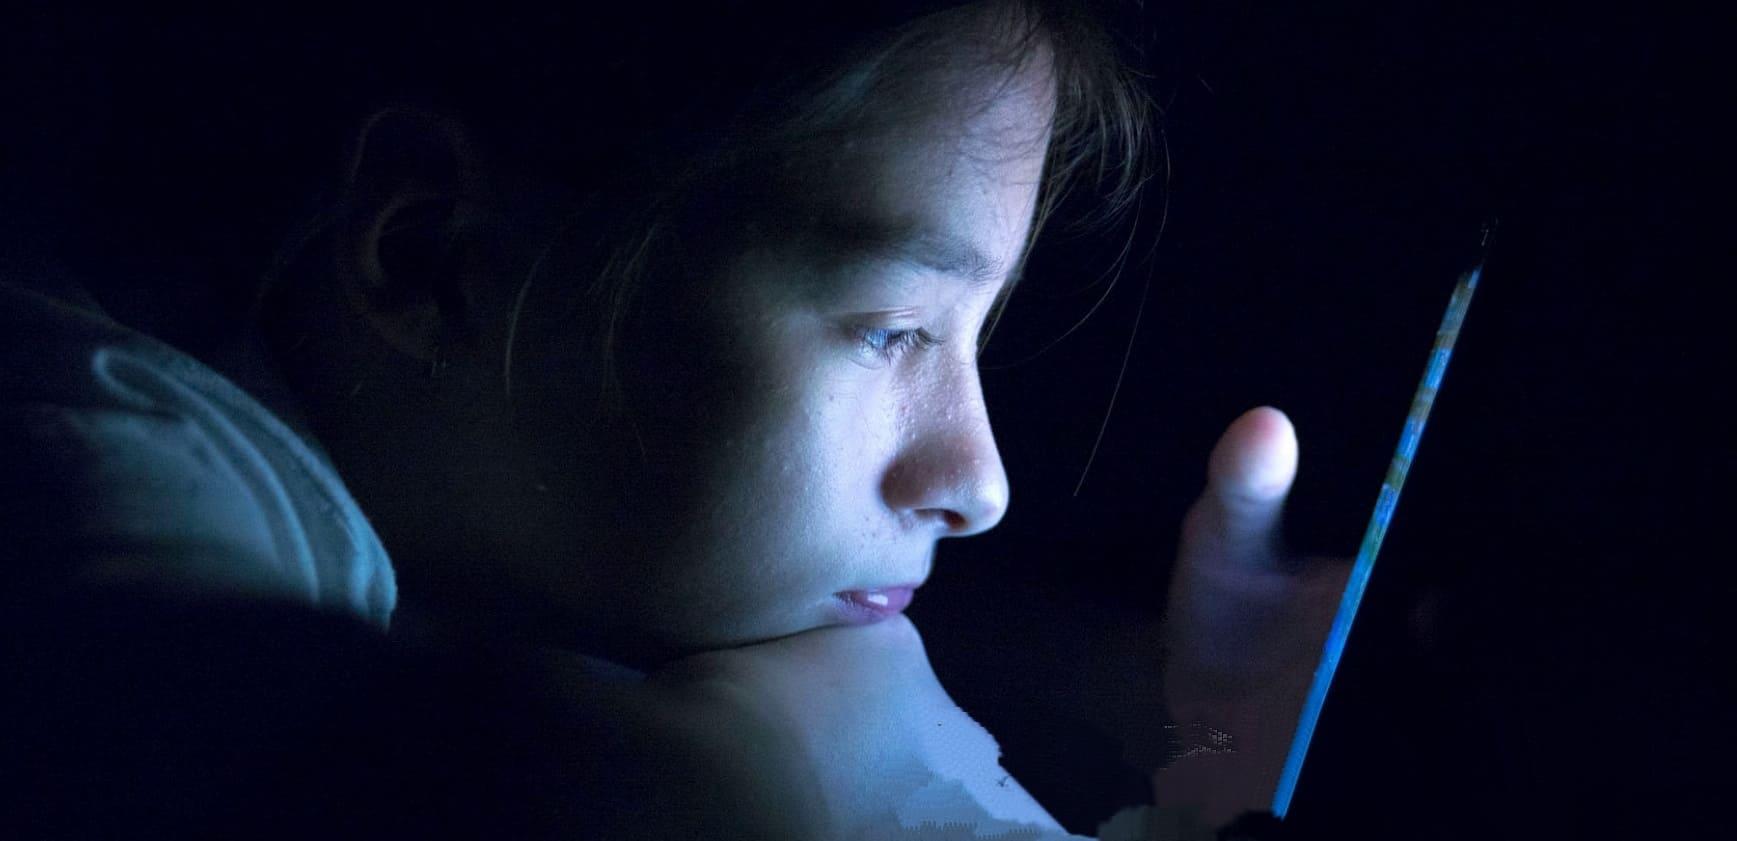 Цифровой аутизм или до чего доводят телефоны